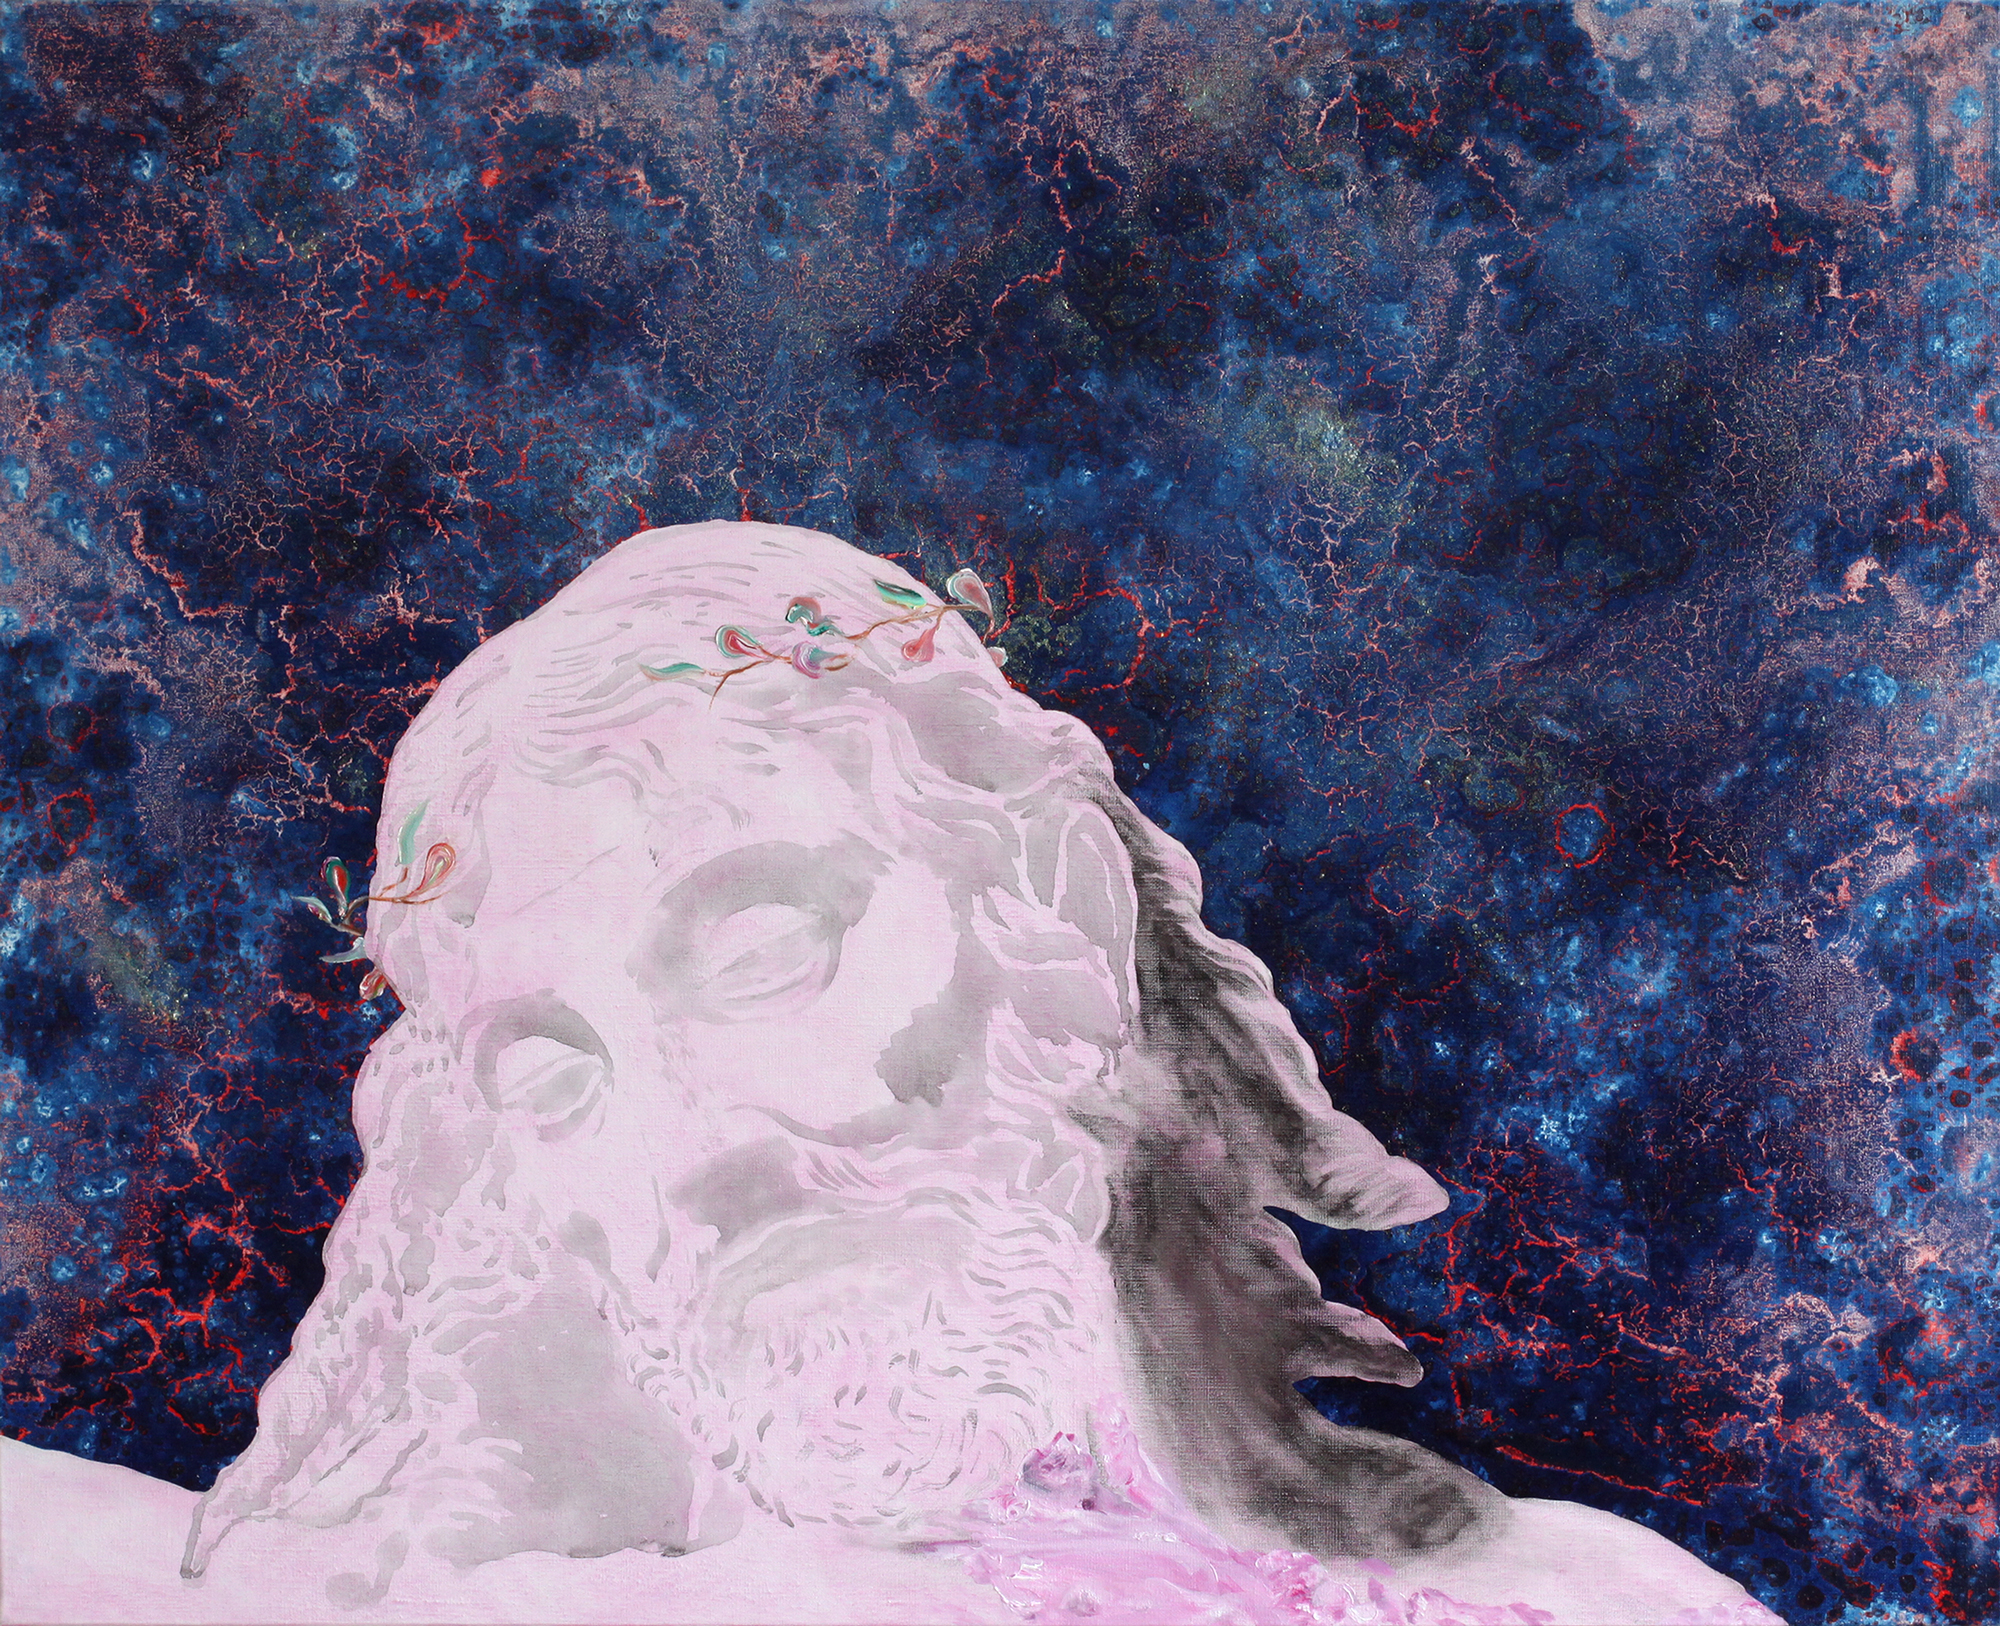 Impasse de la gentillesse, Marc Molk, 2012, huile et acrylique sur toile, 81 x 100 cm